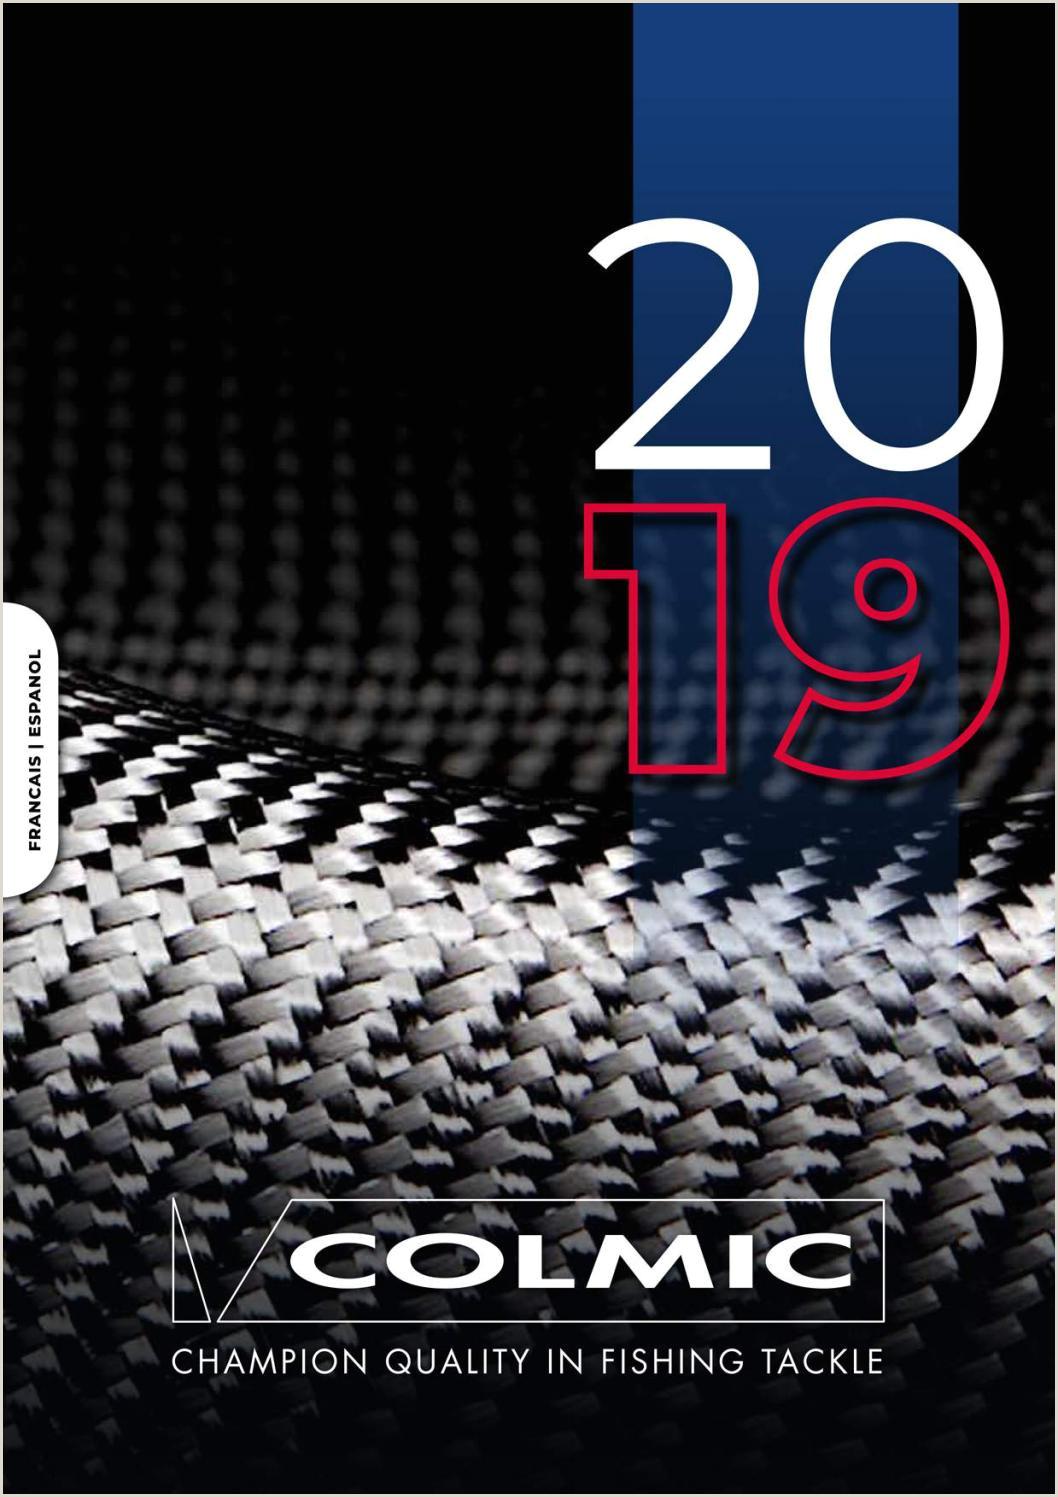 Como Hago Para Descargar La Hoja De Vida Del Sena Colmic2019 Fraspa by Colmic issuu